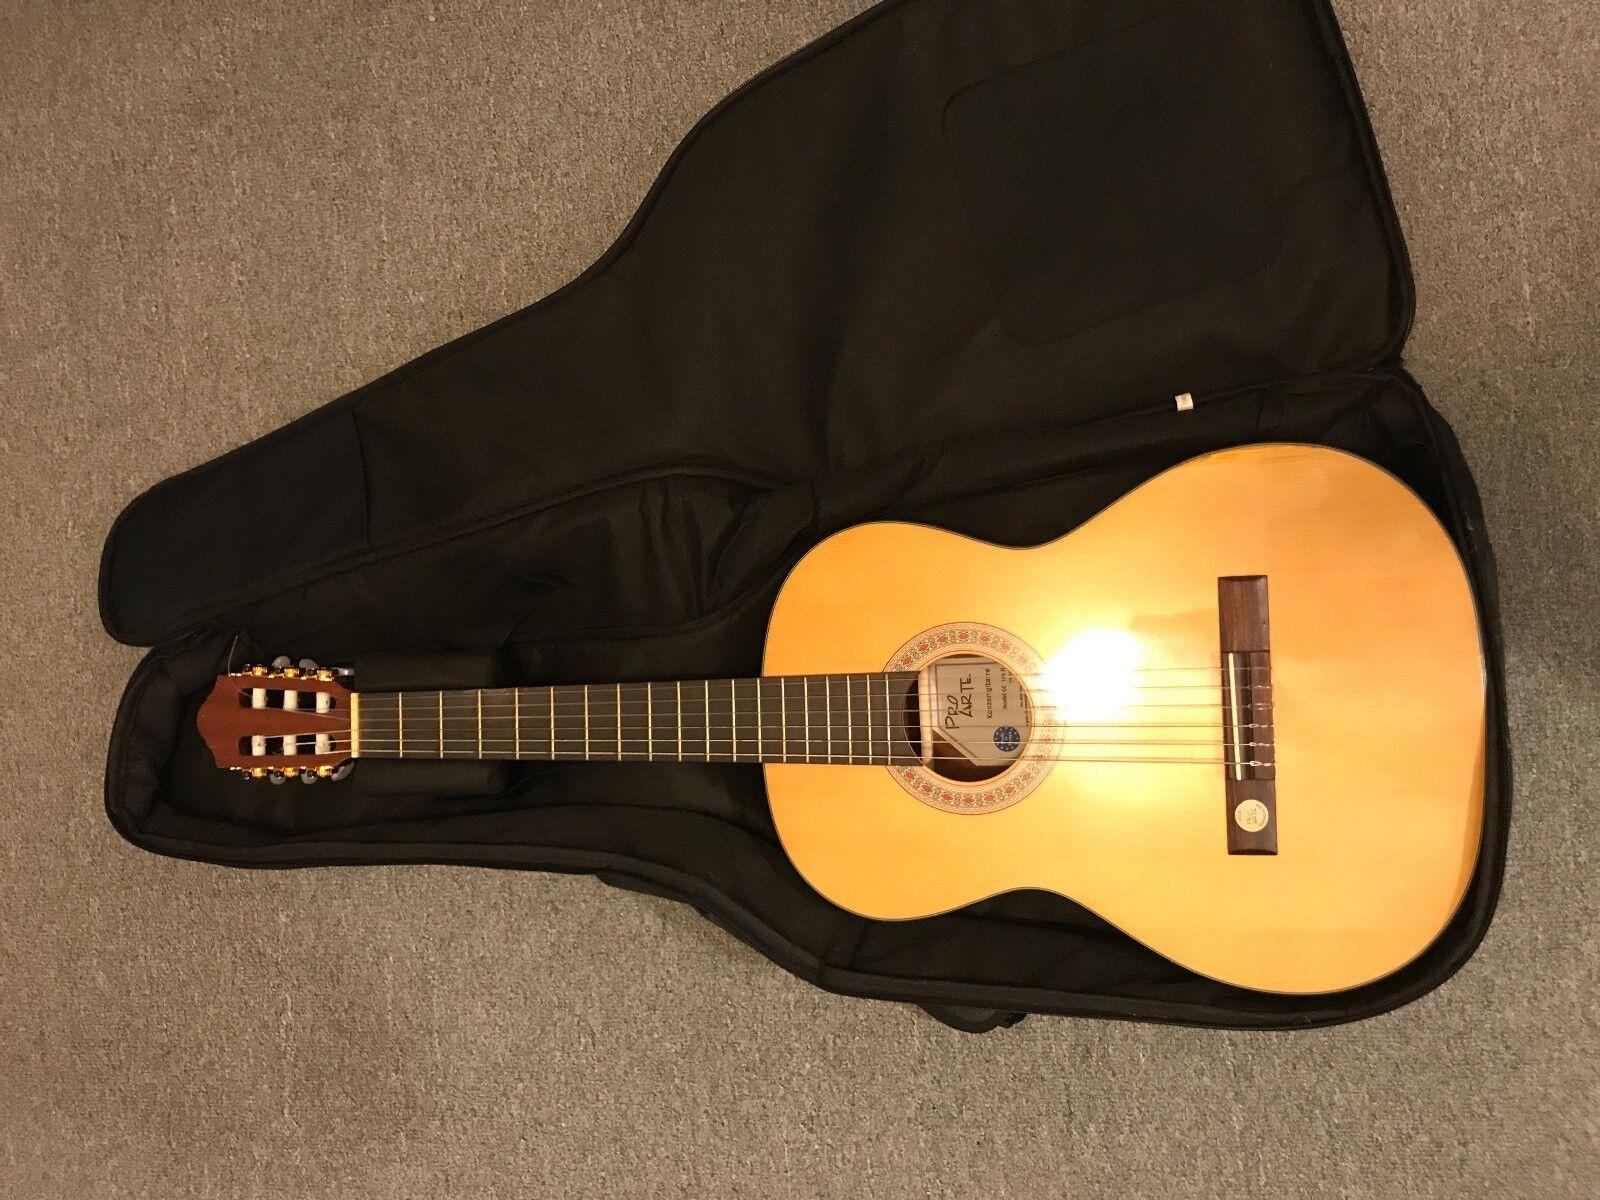 7/8, wunderschöne Konzert-Gitarre Pro Arte GC-100 II in top Zustand